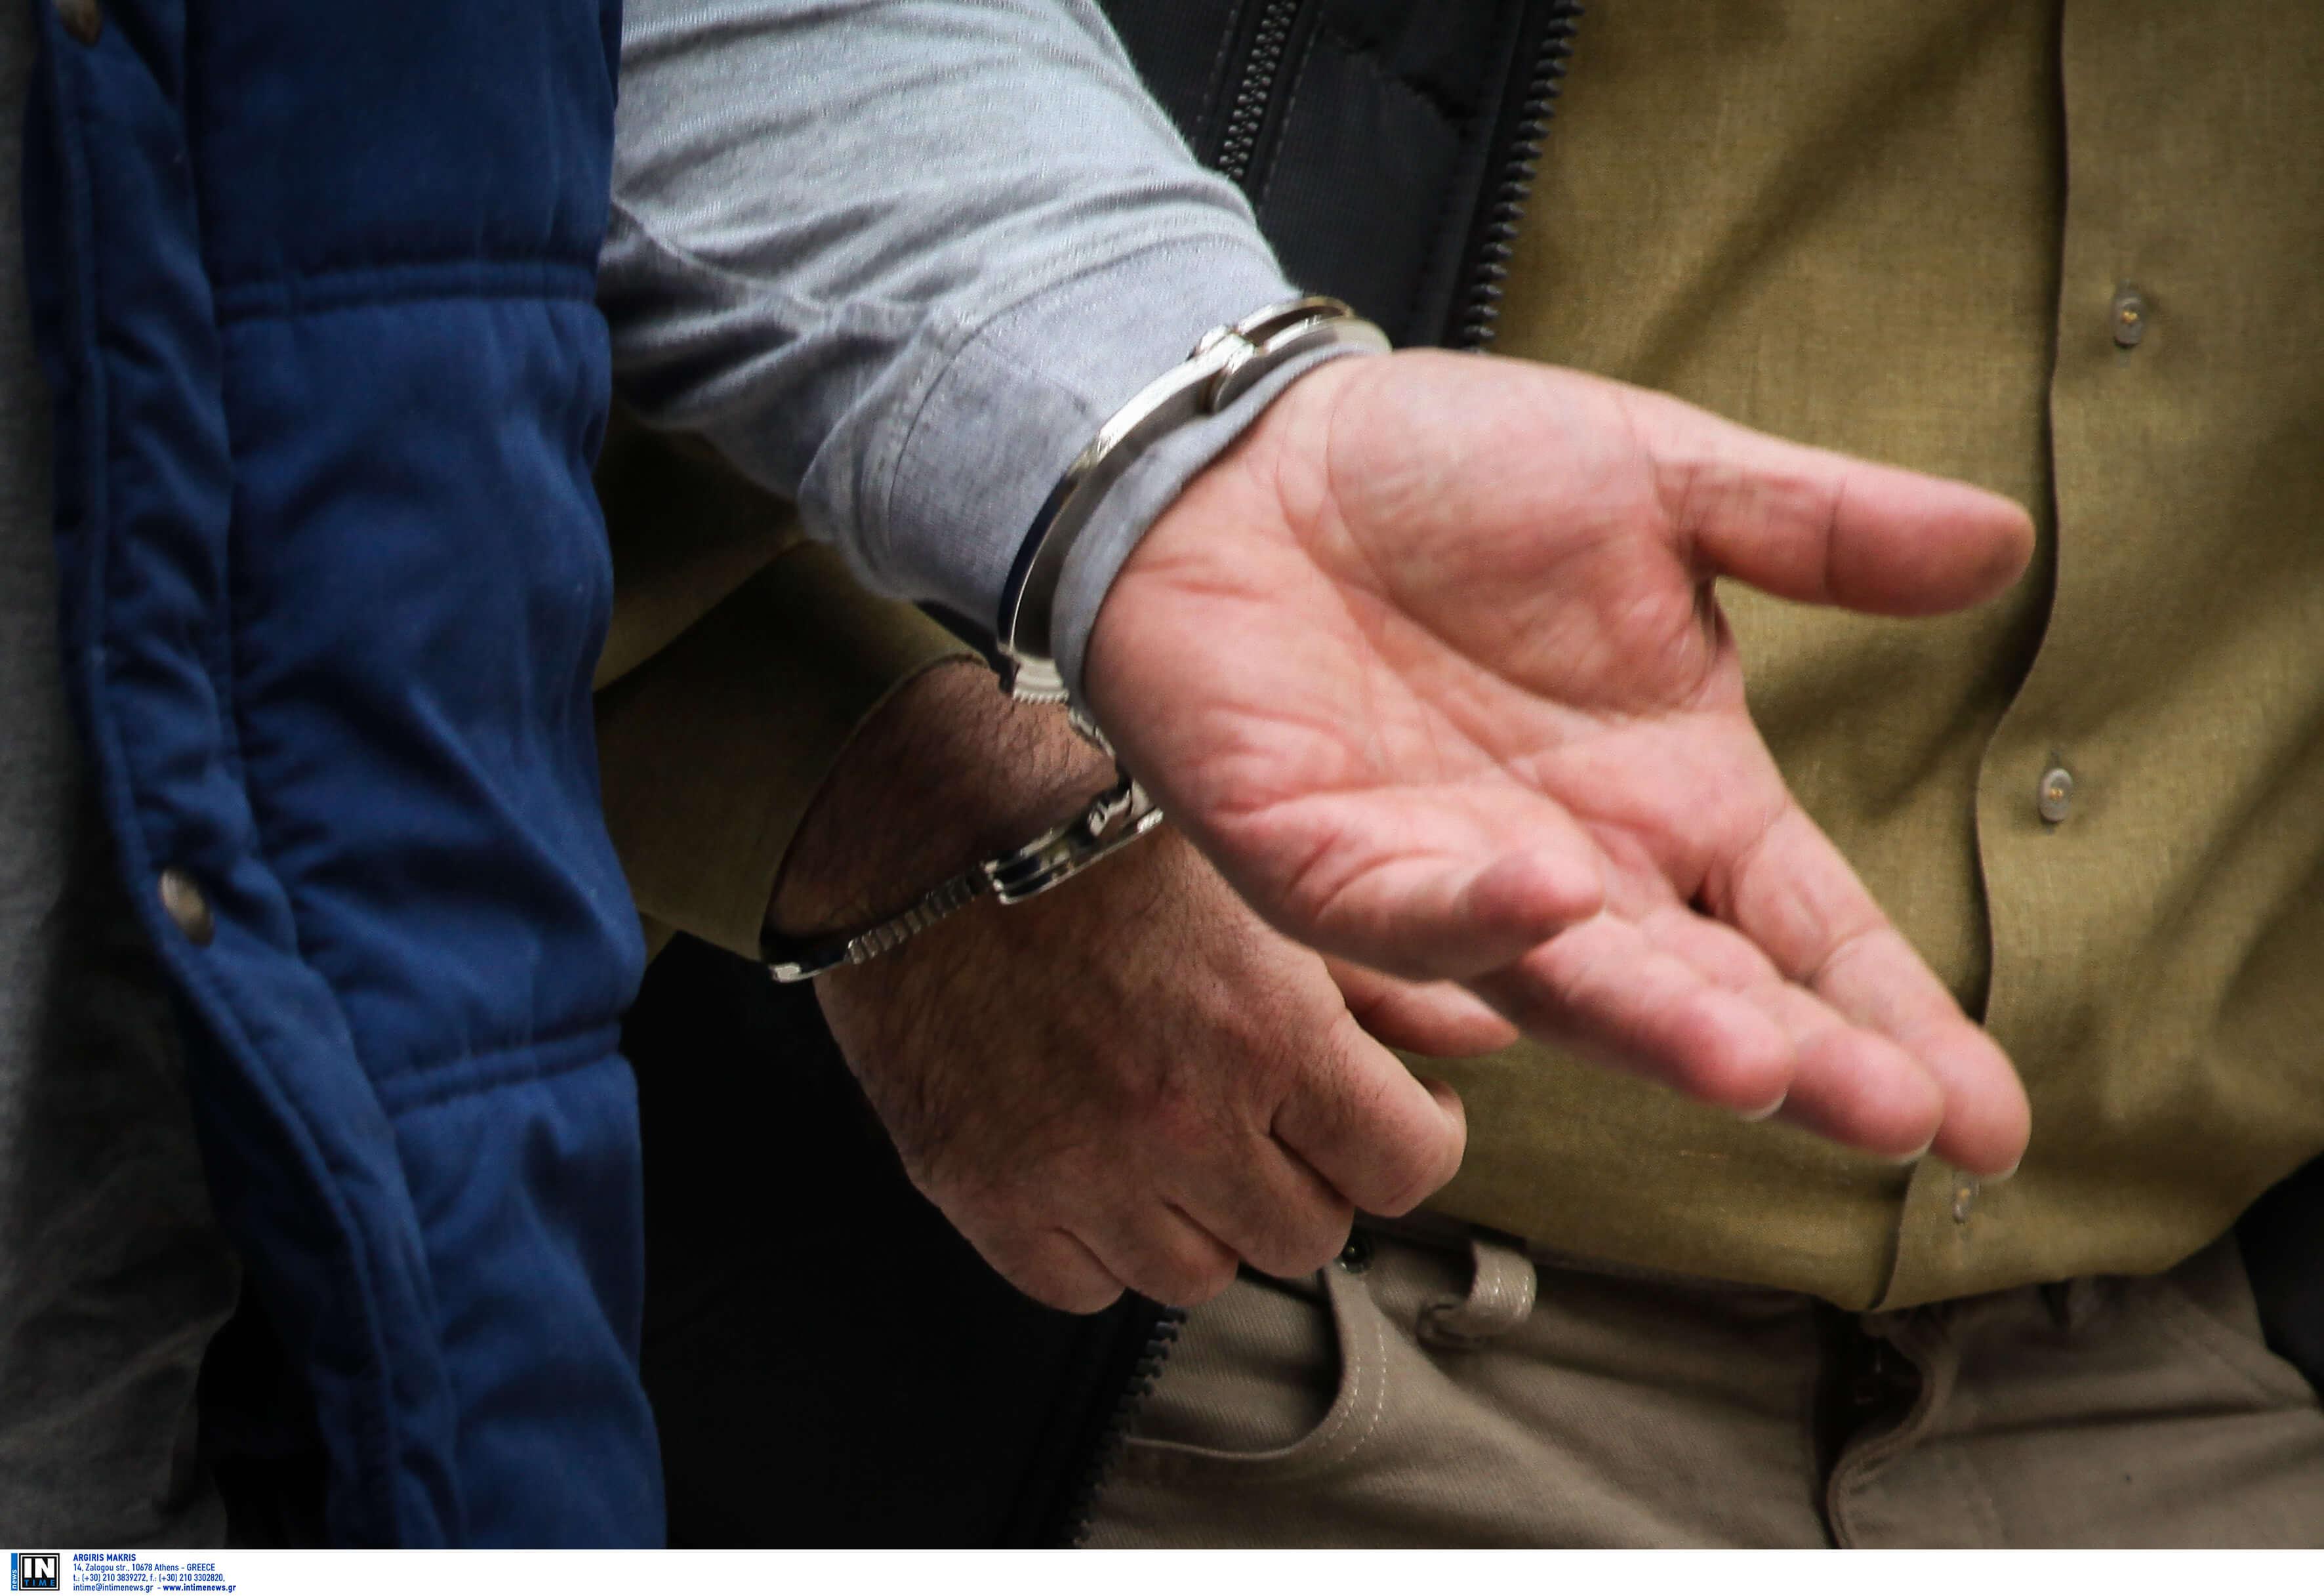 Βόλος: Έγινε κλέφτης για ένα πουκάμισο των 25 ευρώ – Σε περιπέτειες ο 16χρονος μαθητής!